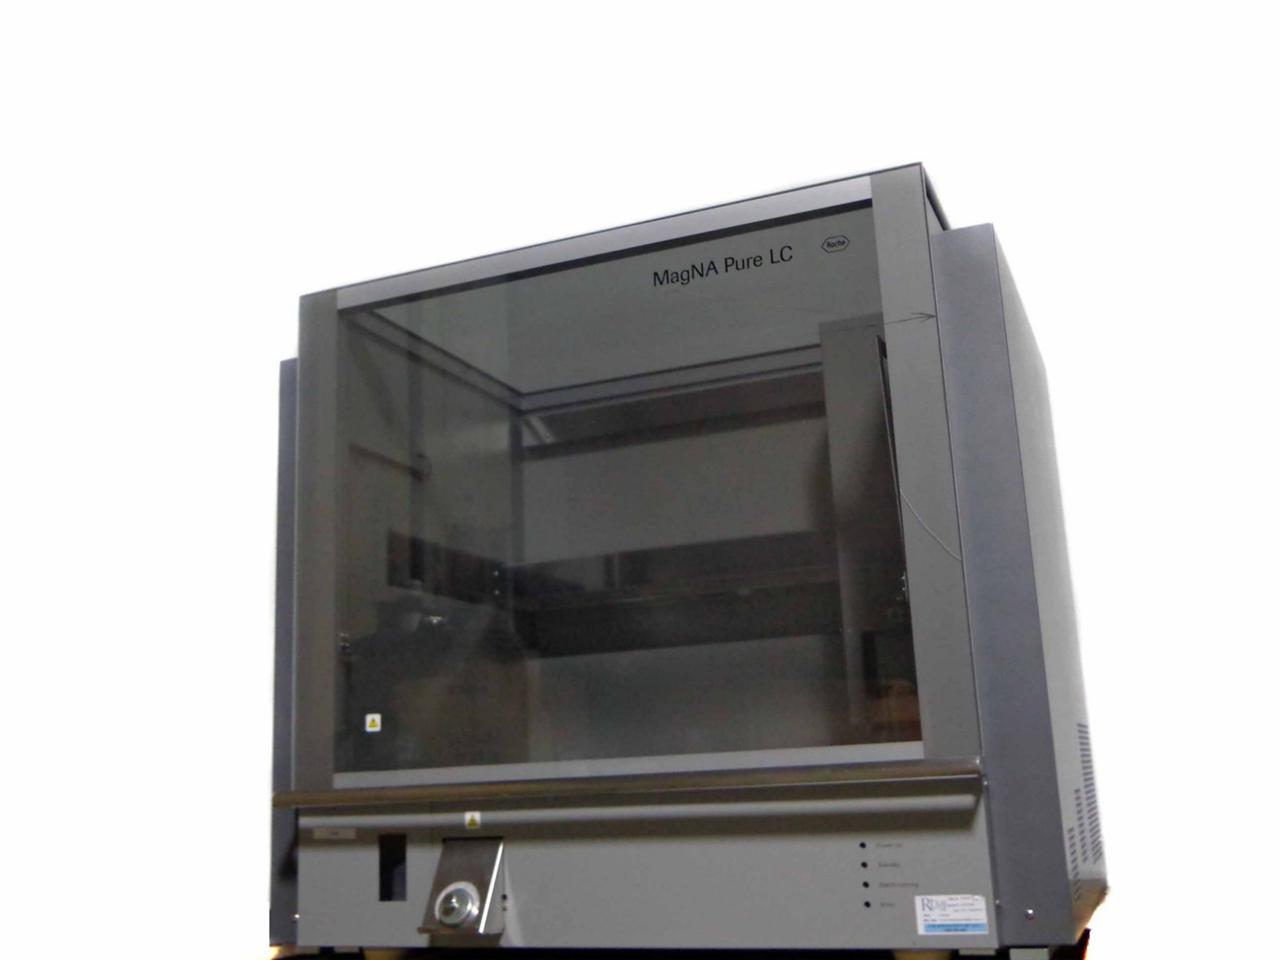 Roche Diagnostics GmbH MagNA Pure LC JE379 Nucleic Acid Prep CHROMATGRAPHY ISS006315